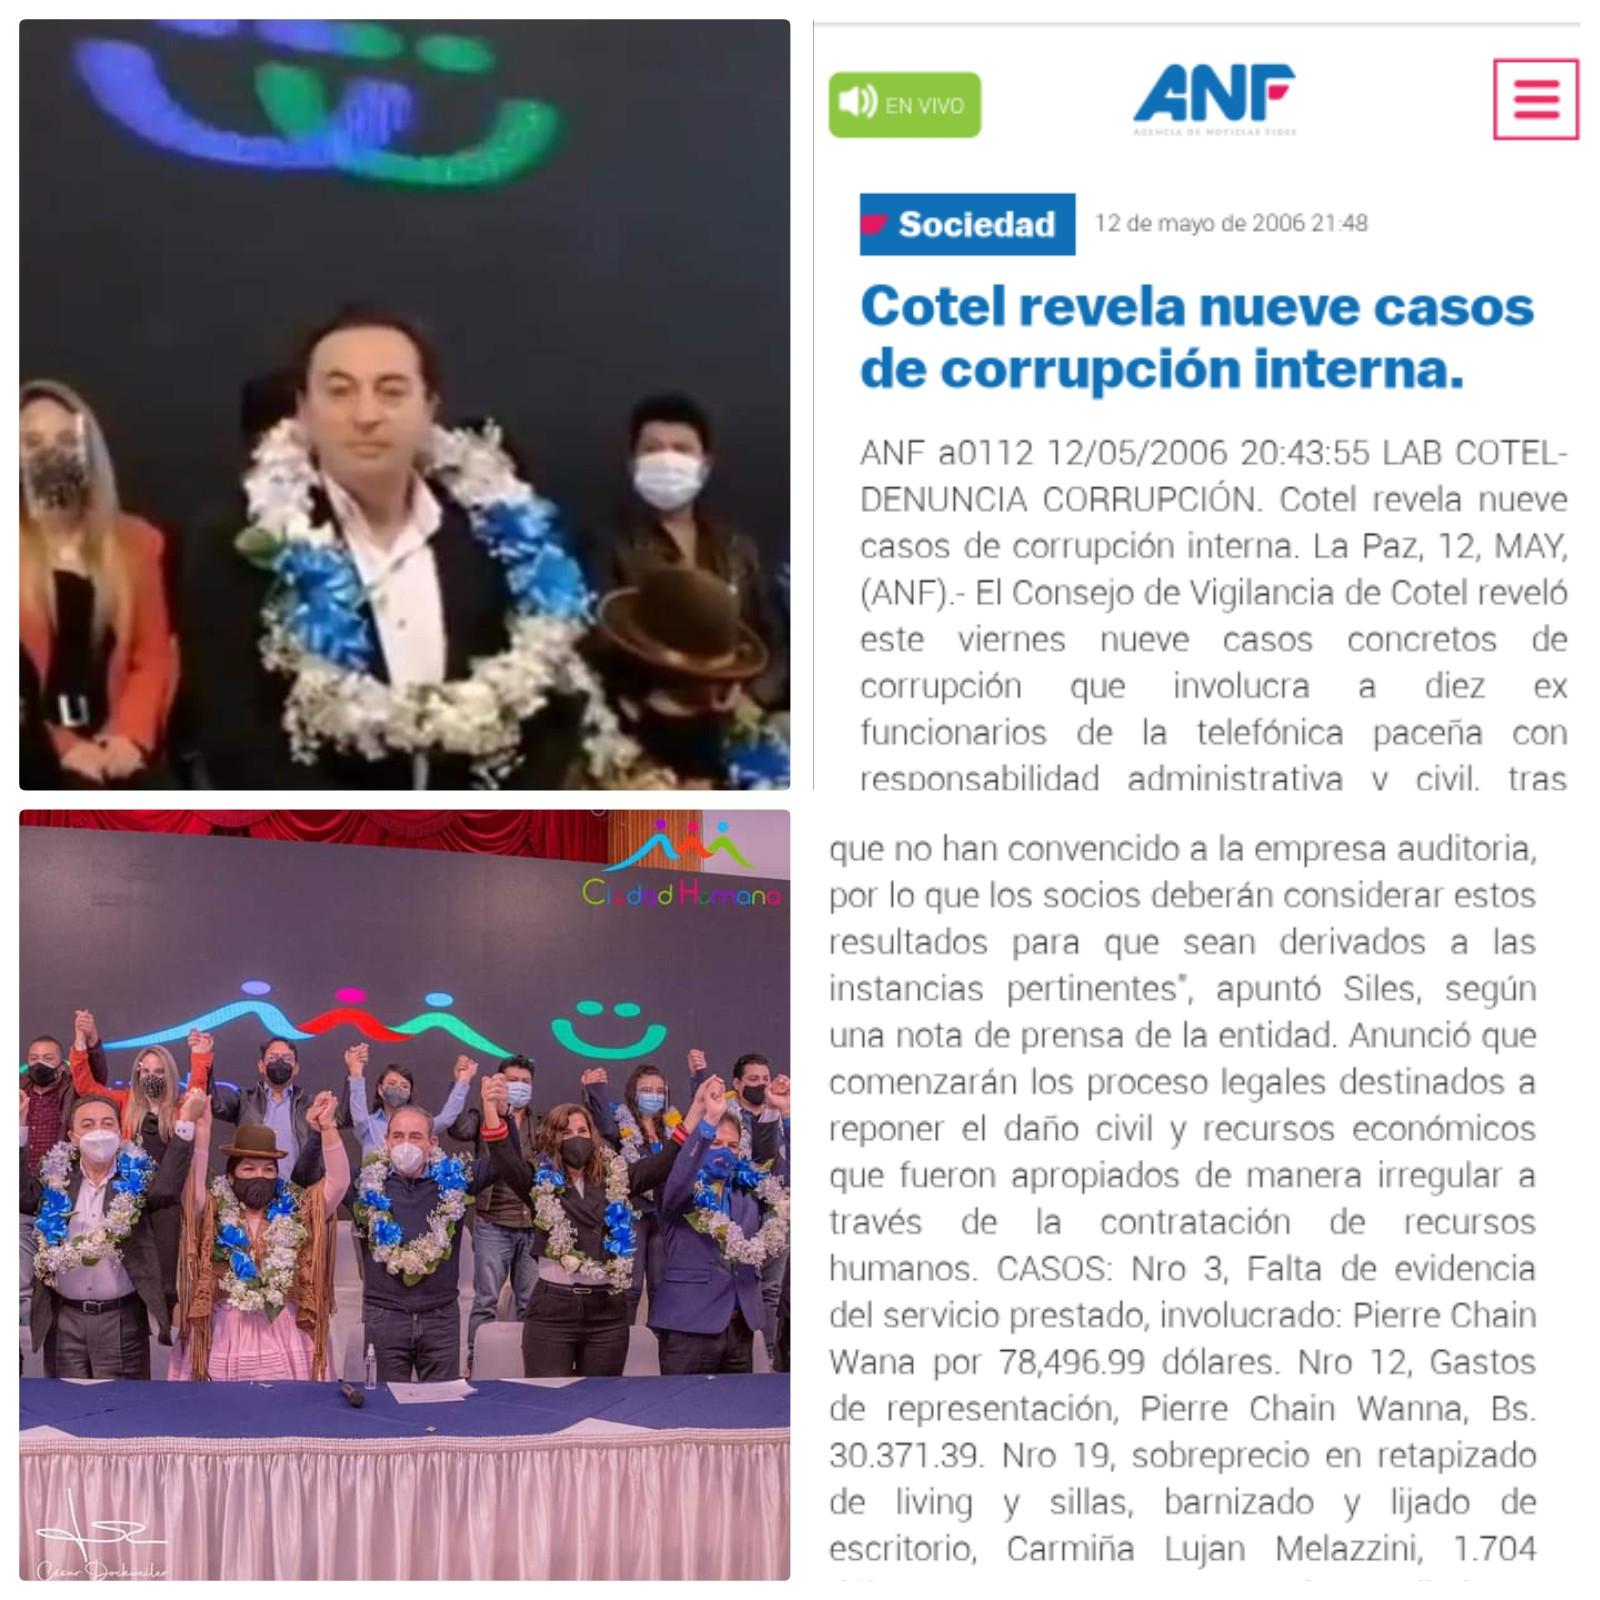 Pierre Chain involucrado en caso de corrupción en cotel aparece en las listas de candidato a concejal por el MAS